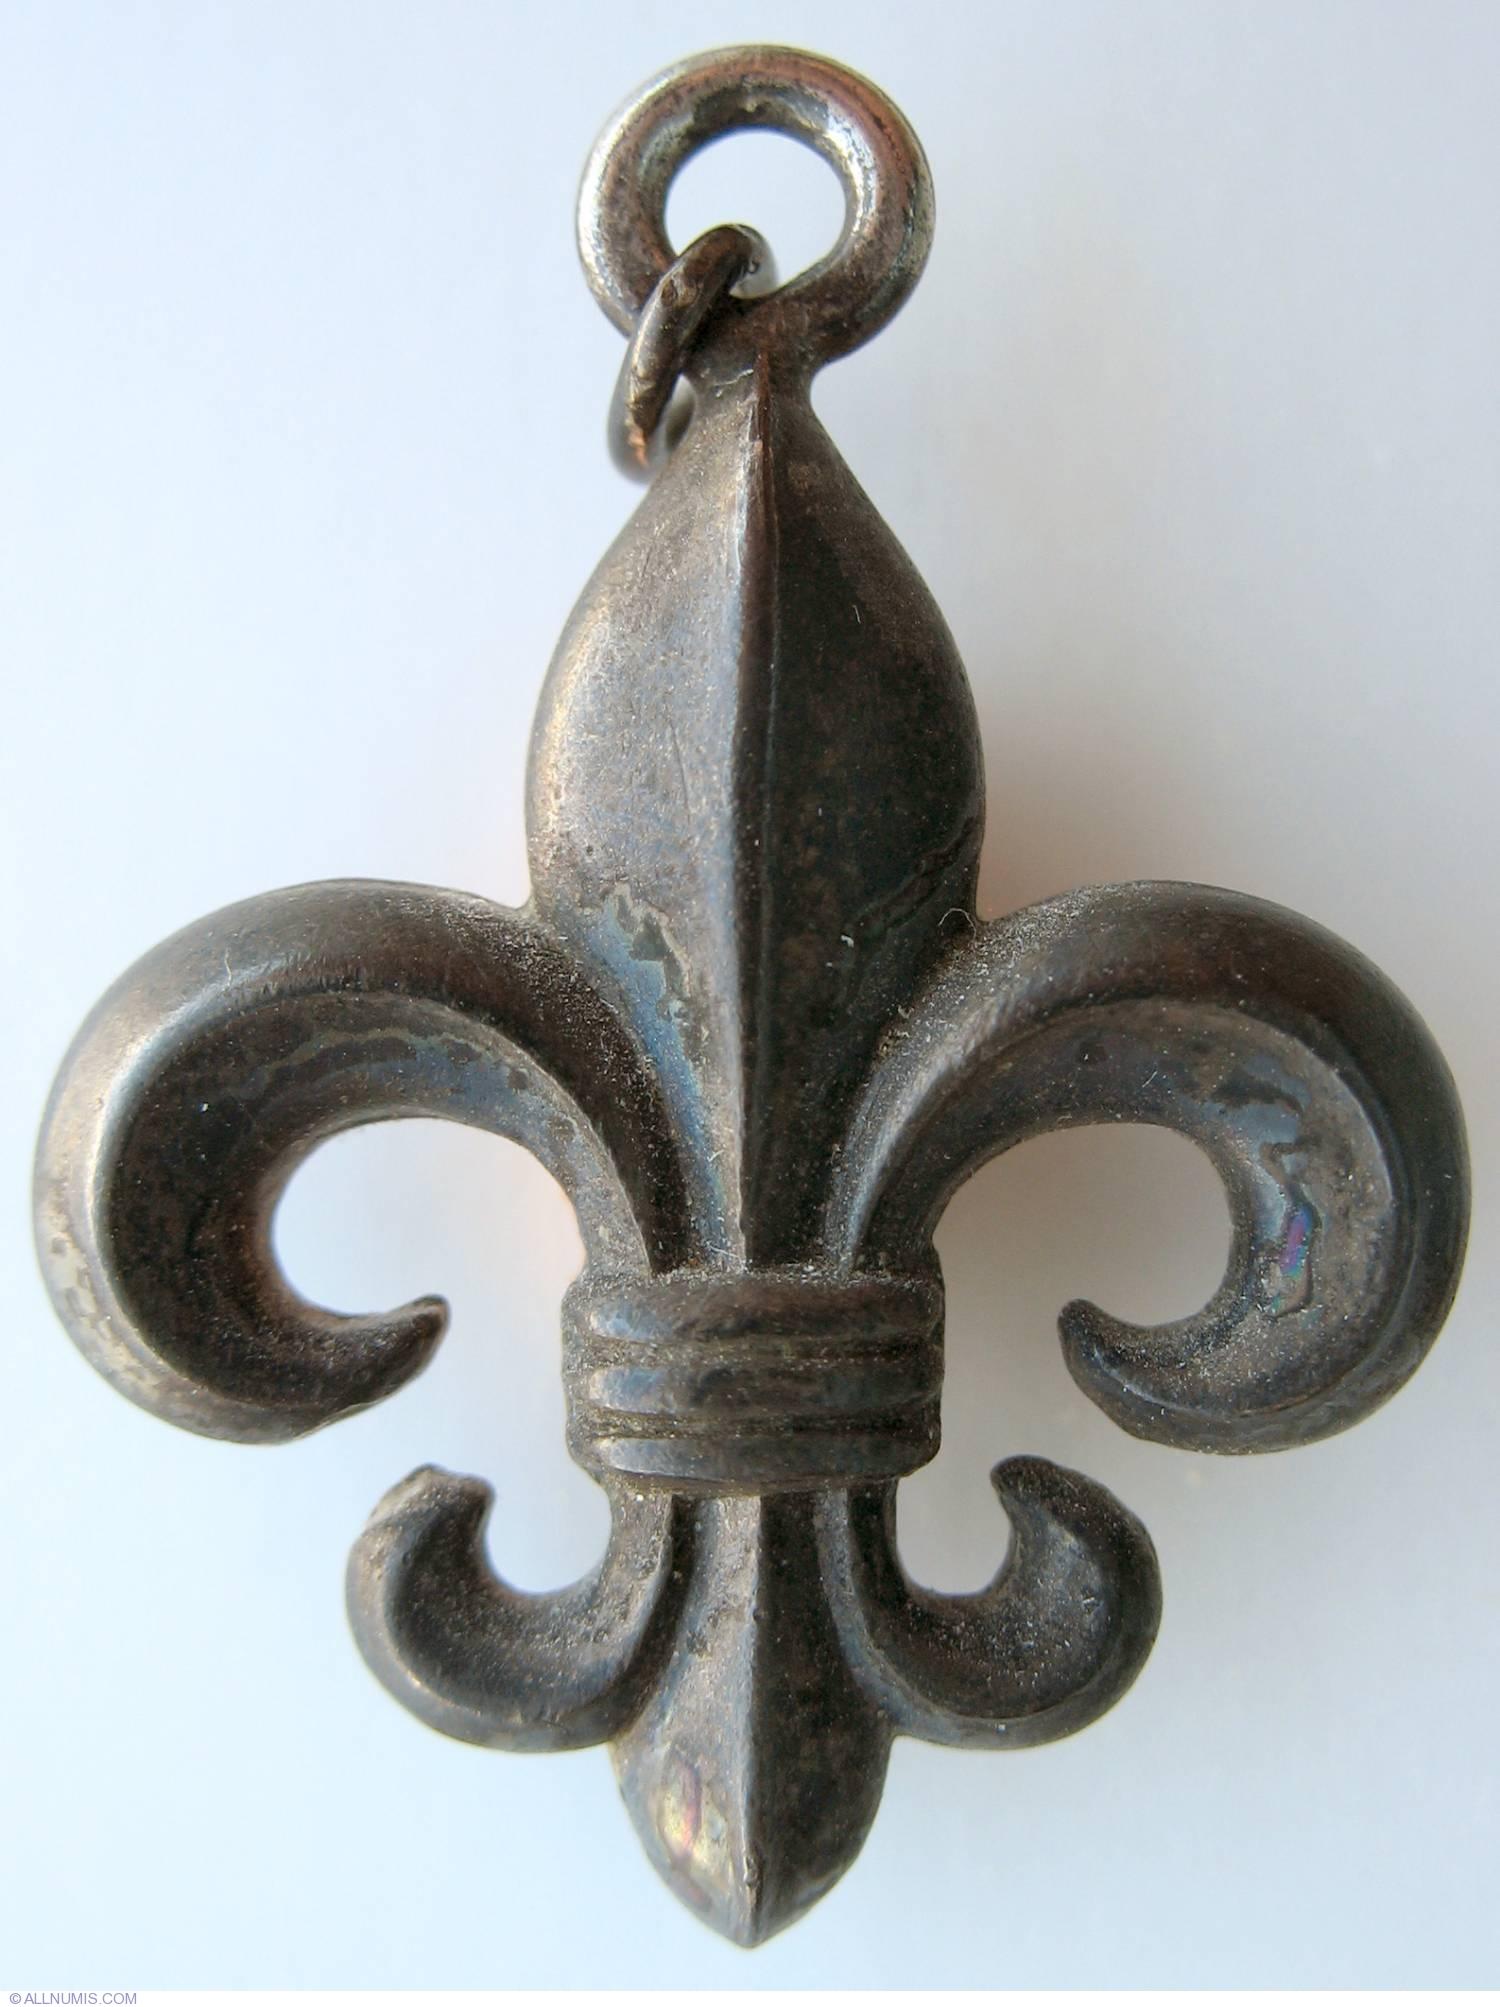 Qu bec fleur de lys emblematic symbols canada medal 2550 - Fleur de lys symbole ...